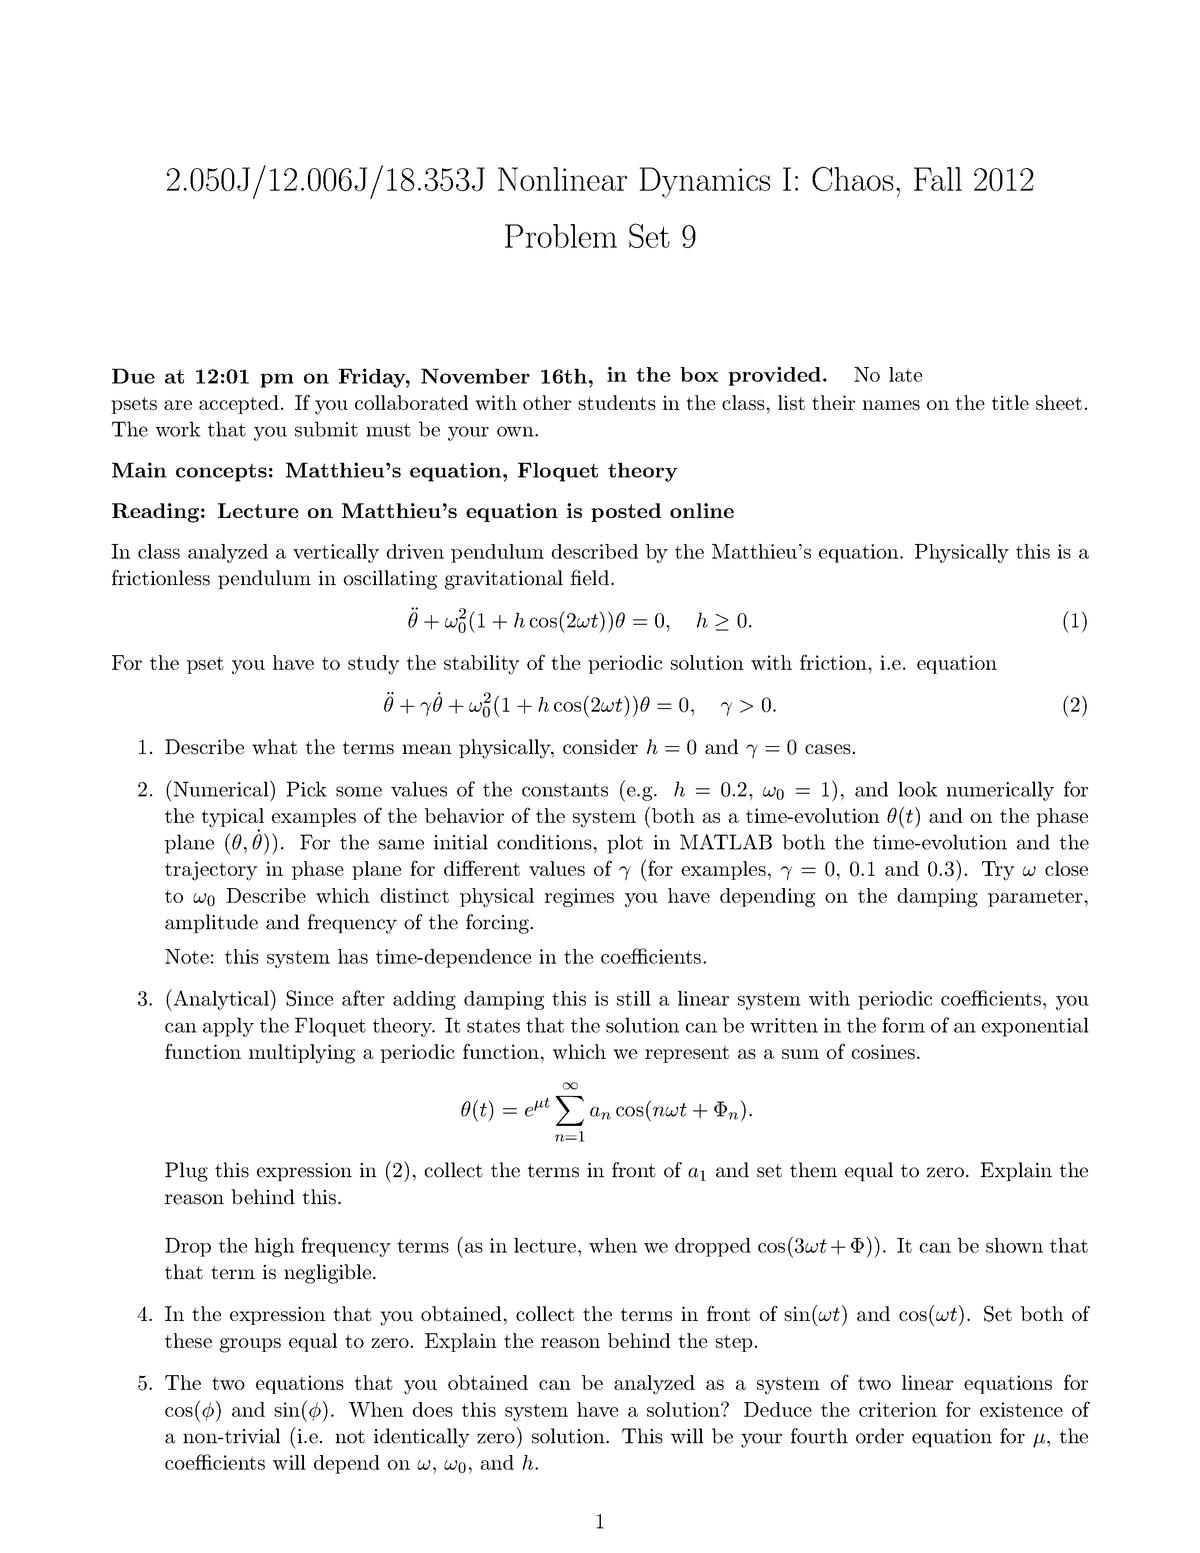 Seminar assignments - Problem set 7 - 9 - 2  050J: Nonlinear